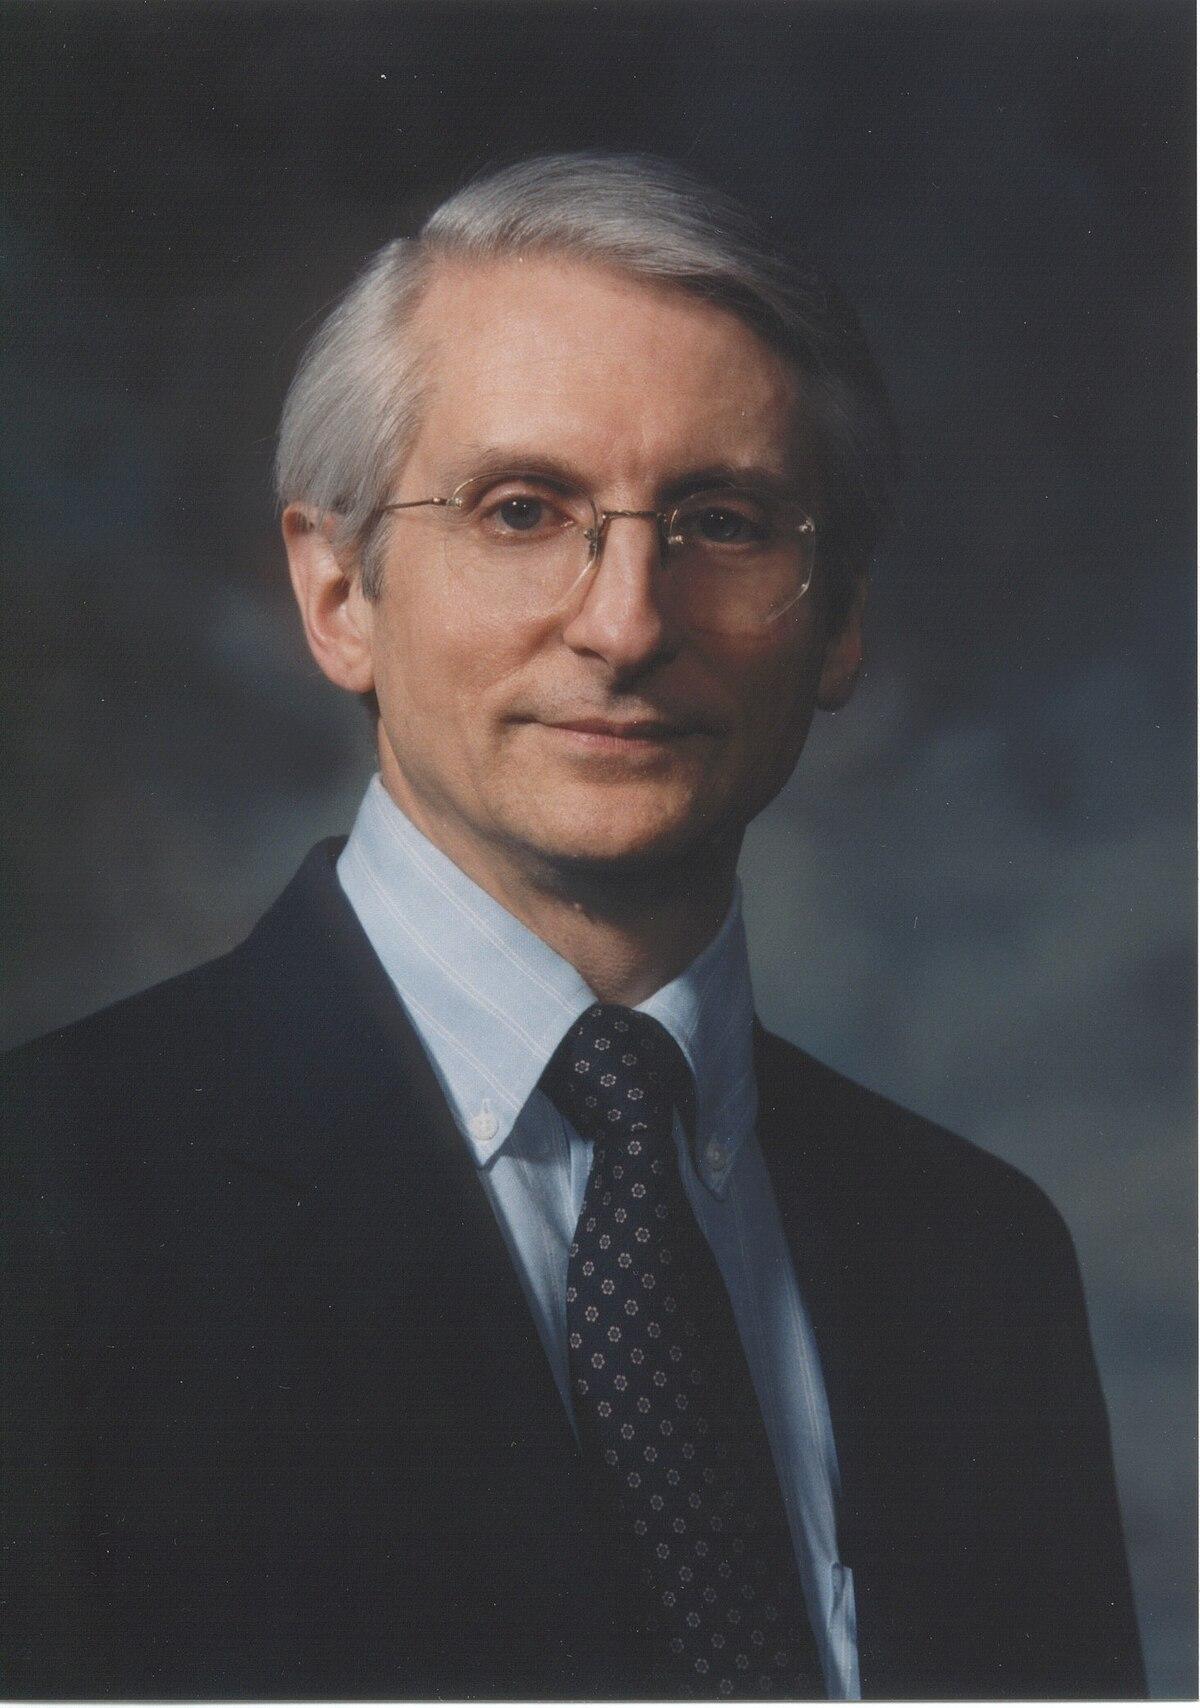 Peter J Denning Wikipedia